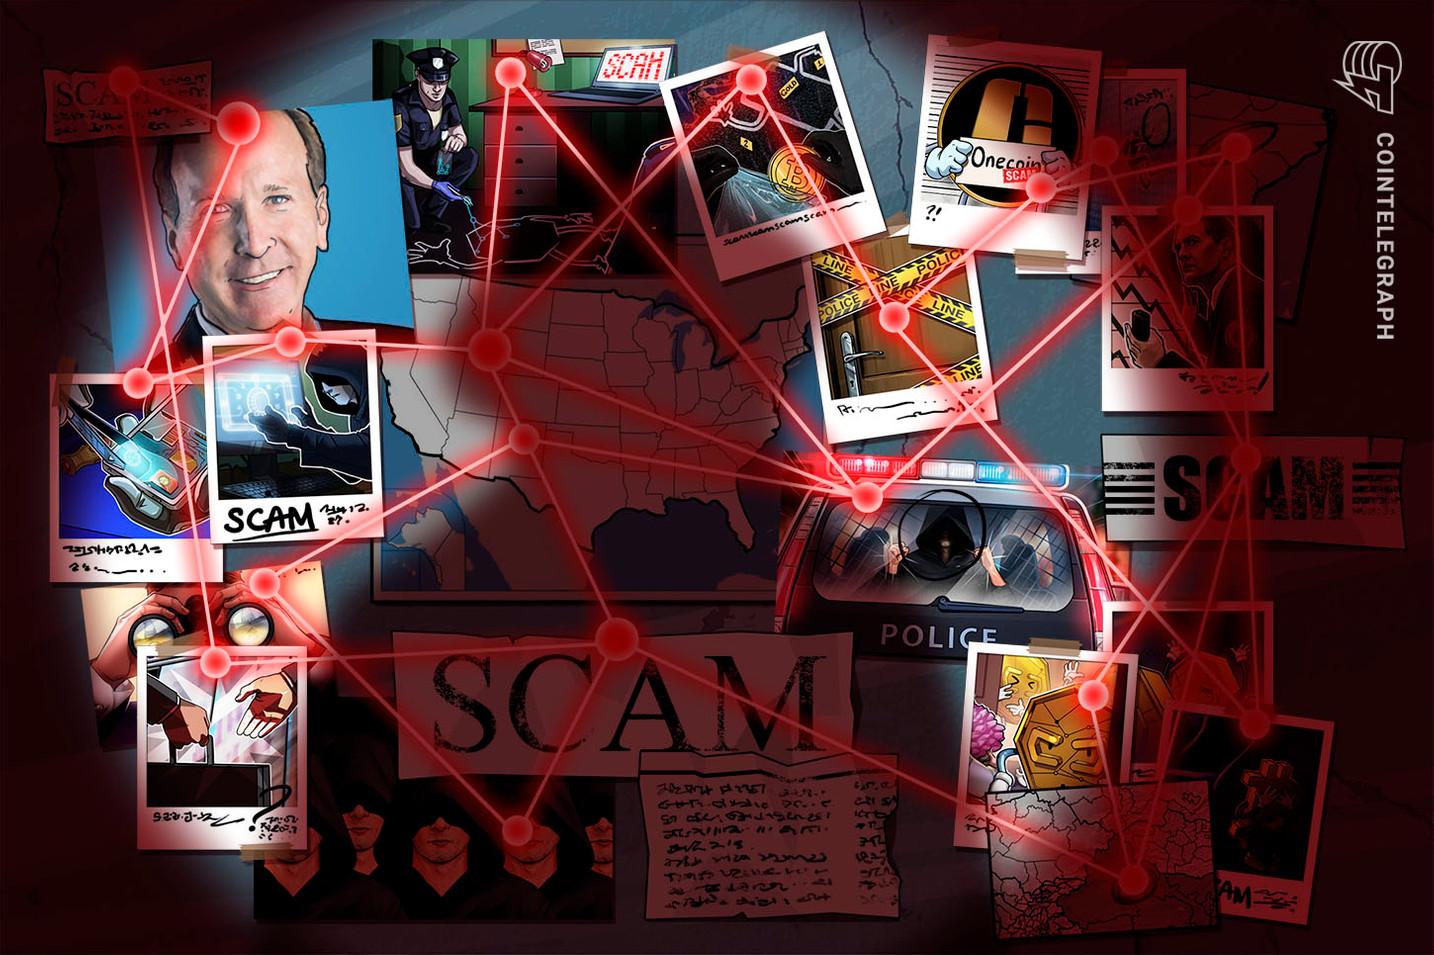 """Informe: El hermano de George Bush obtuvo USD 300,000 por reunirse con la """"Cripto Reina"""" de OneCoin"""